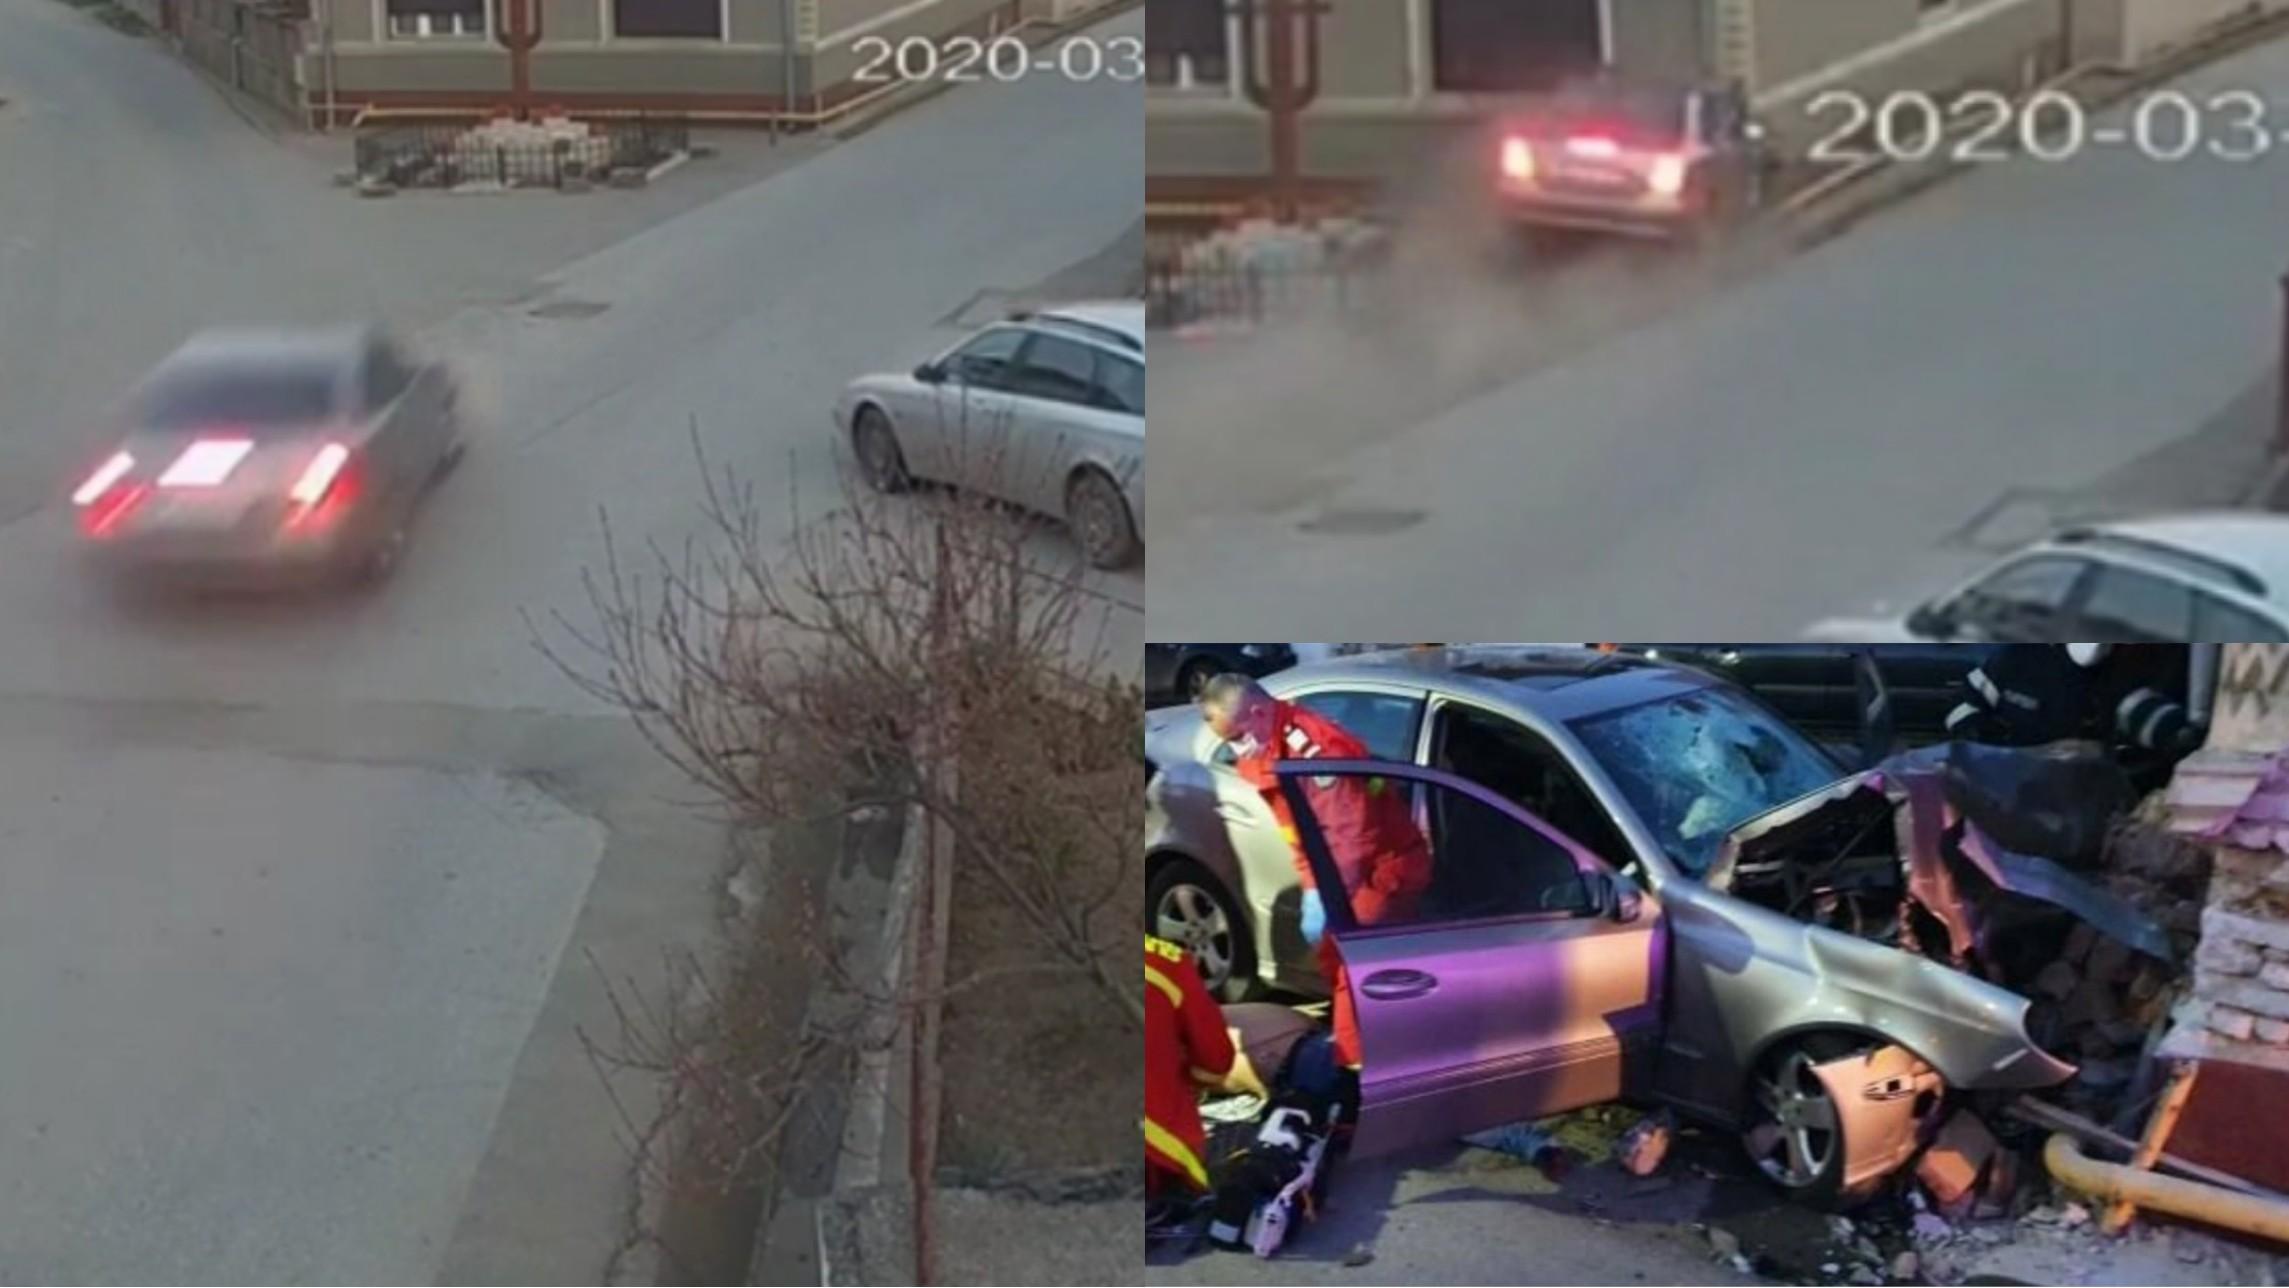 Video | Imagini dinaintea accidentului din Alba, unde un bărbat a murit după ce s-a izbit violent cu mașina în peretele unui imobil